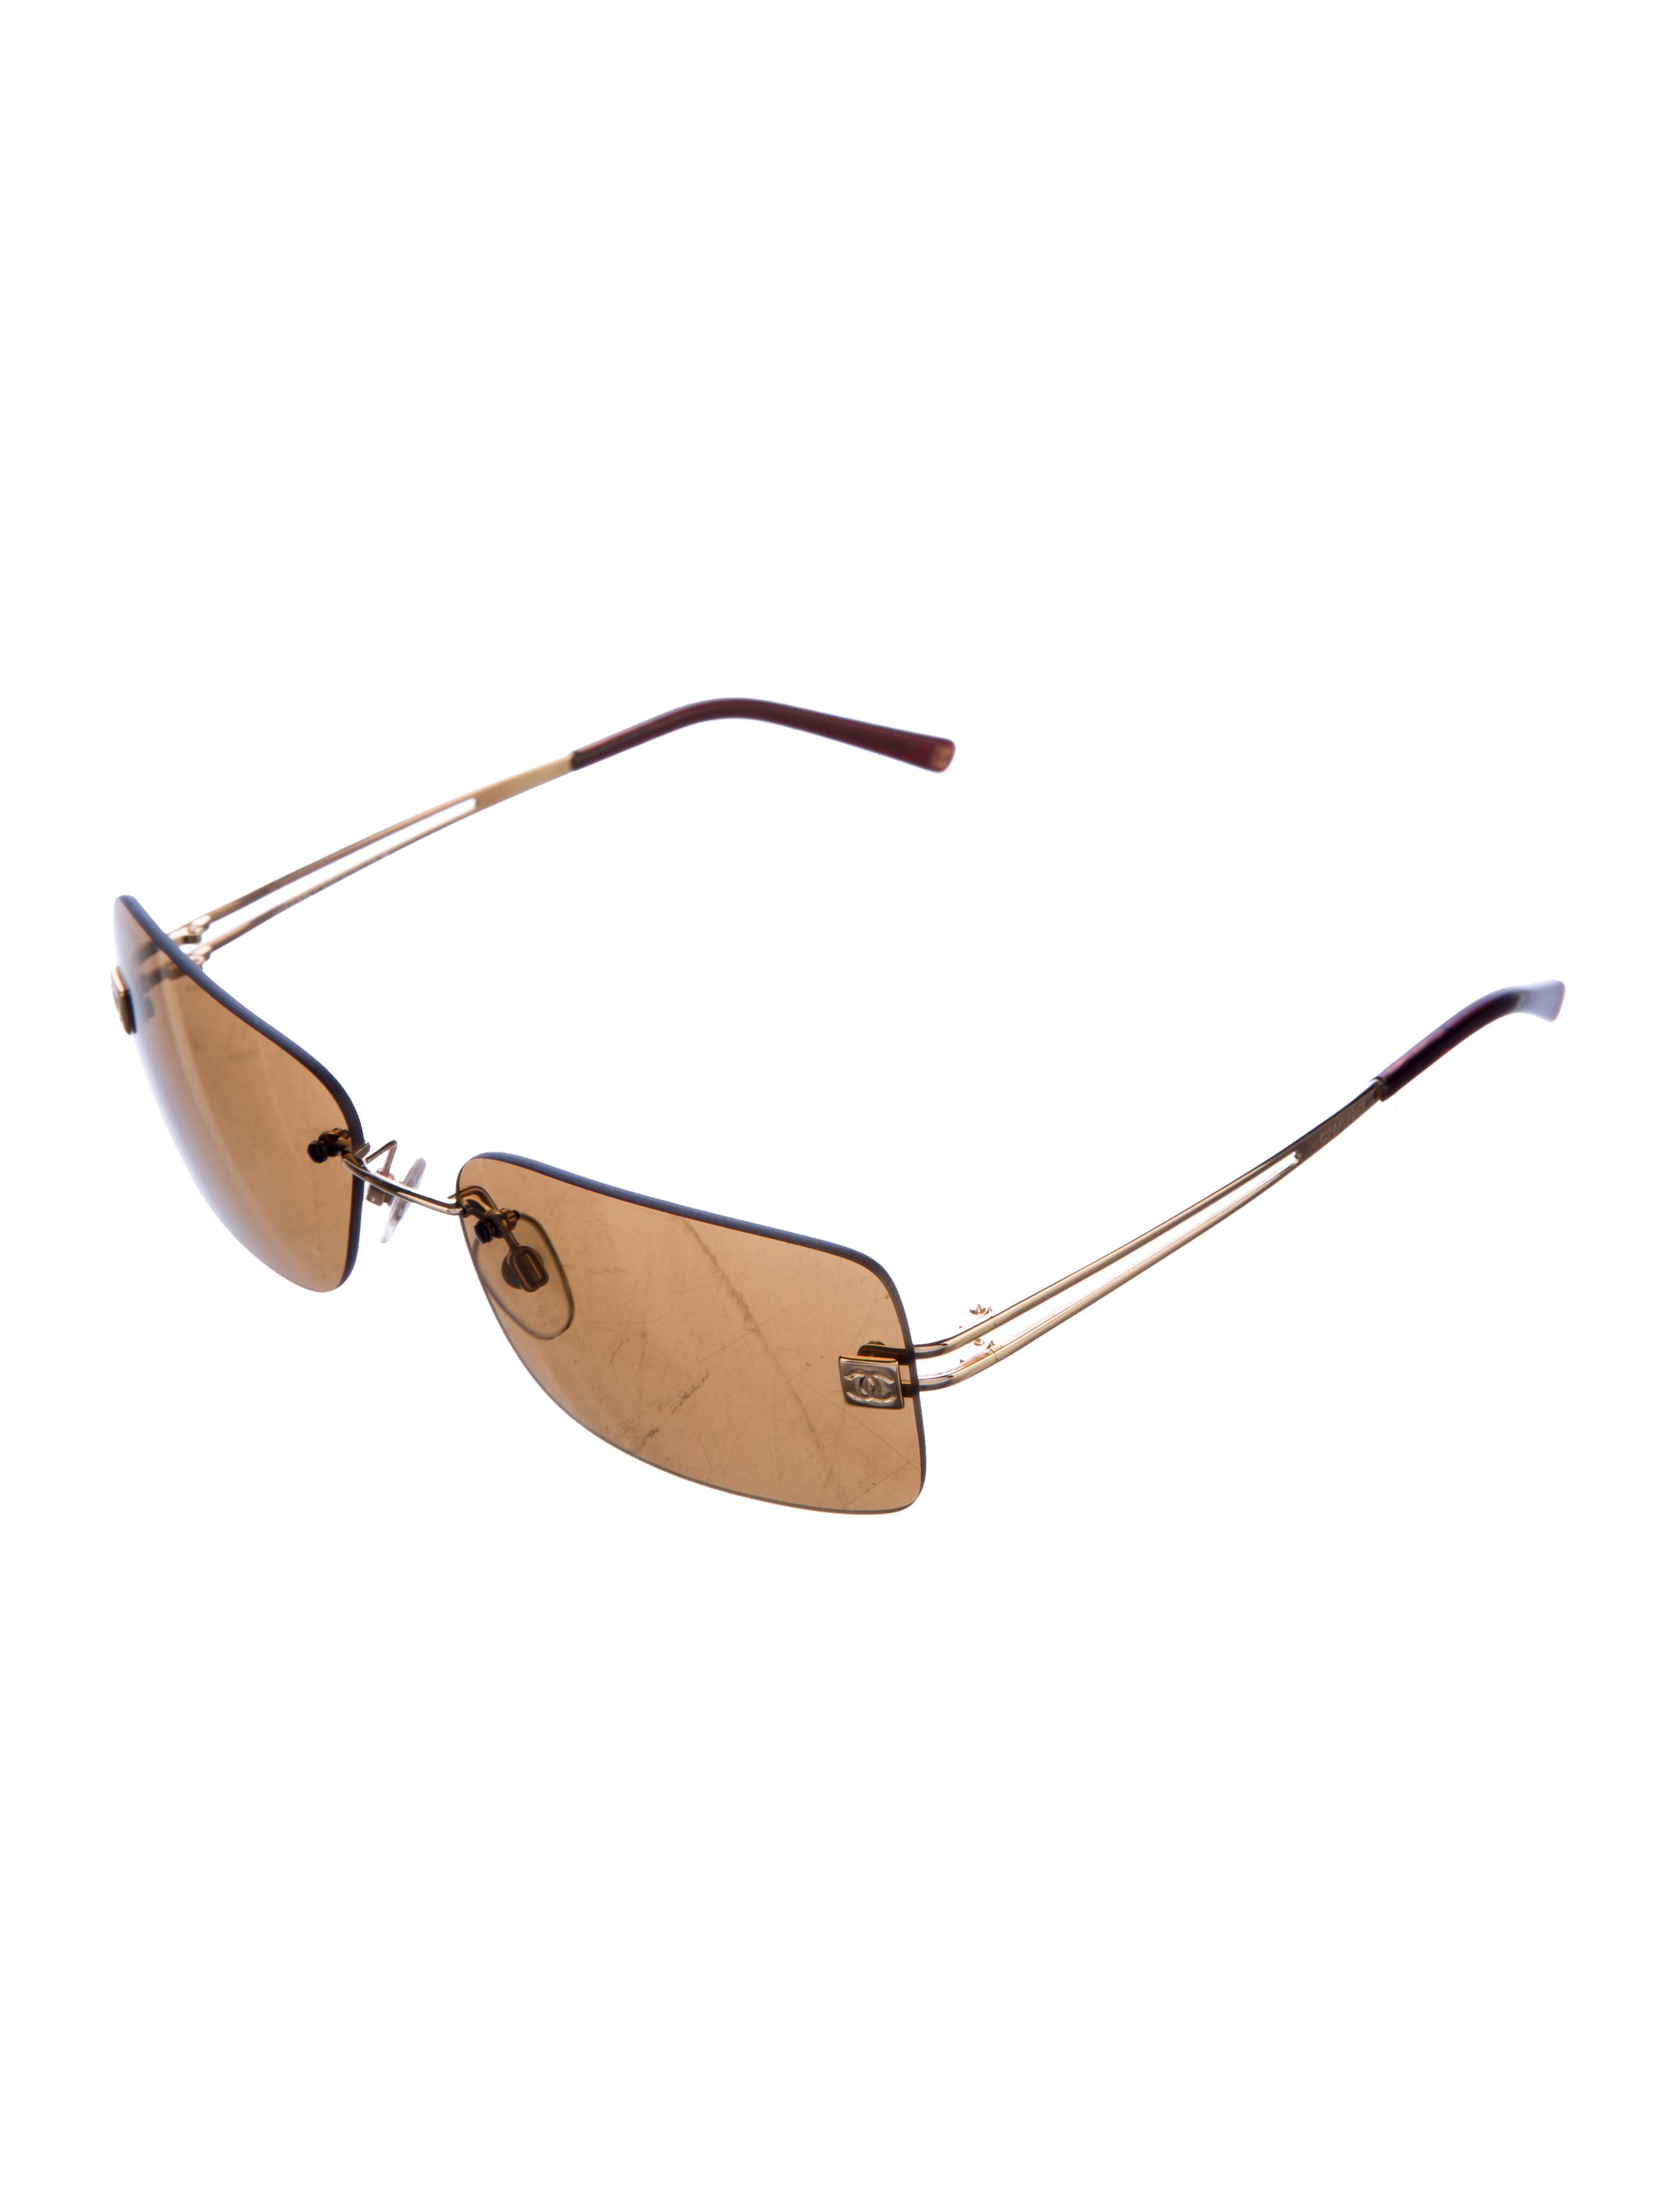 Chanel Rimless CC Sunglasses - Accessories - CHA164434 ...